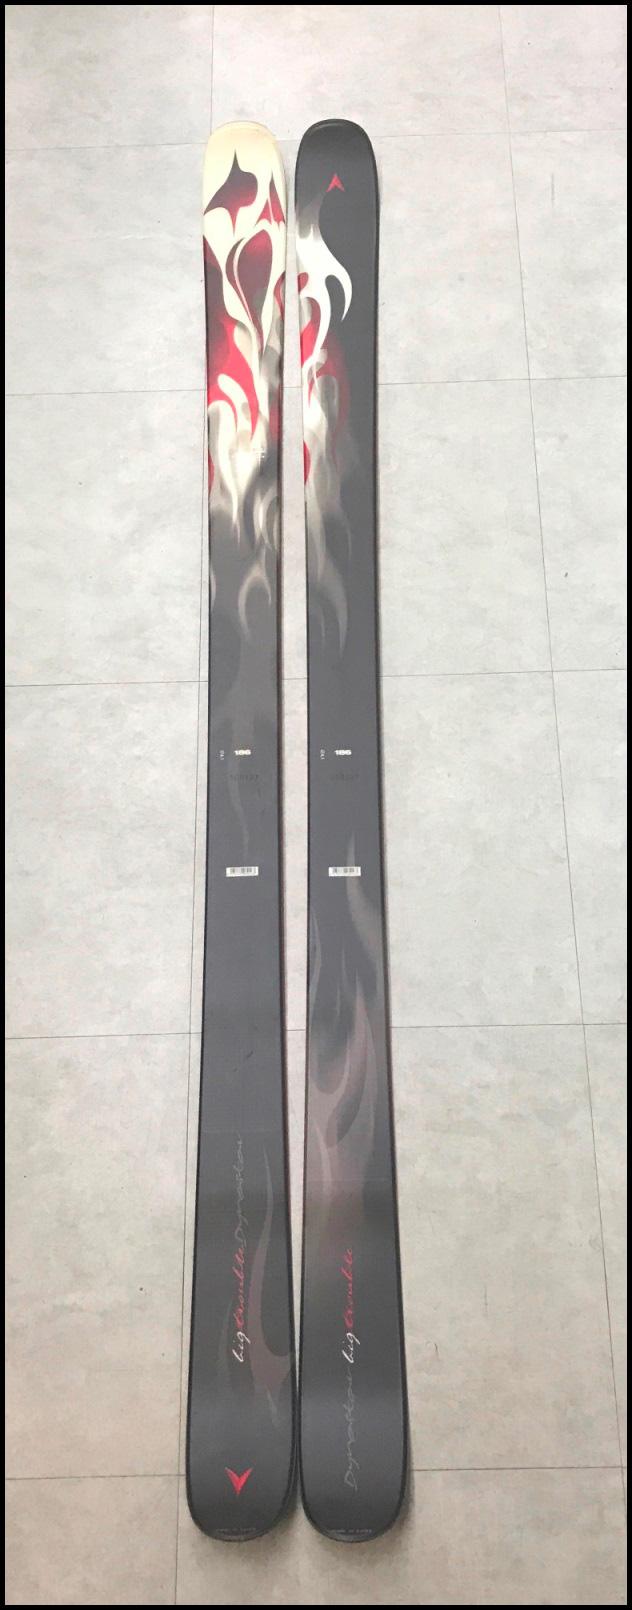 ≪大特価!!≫<DYNASTAR>スキー板 BIG TROUBLE 124-92-114 mm  R-23 m  186cm